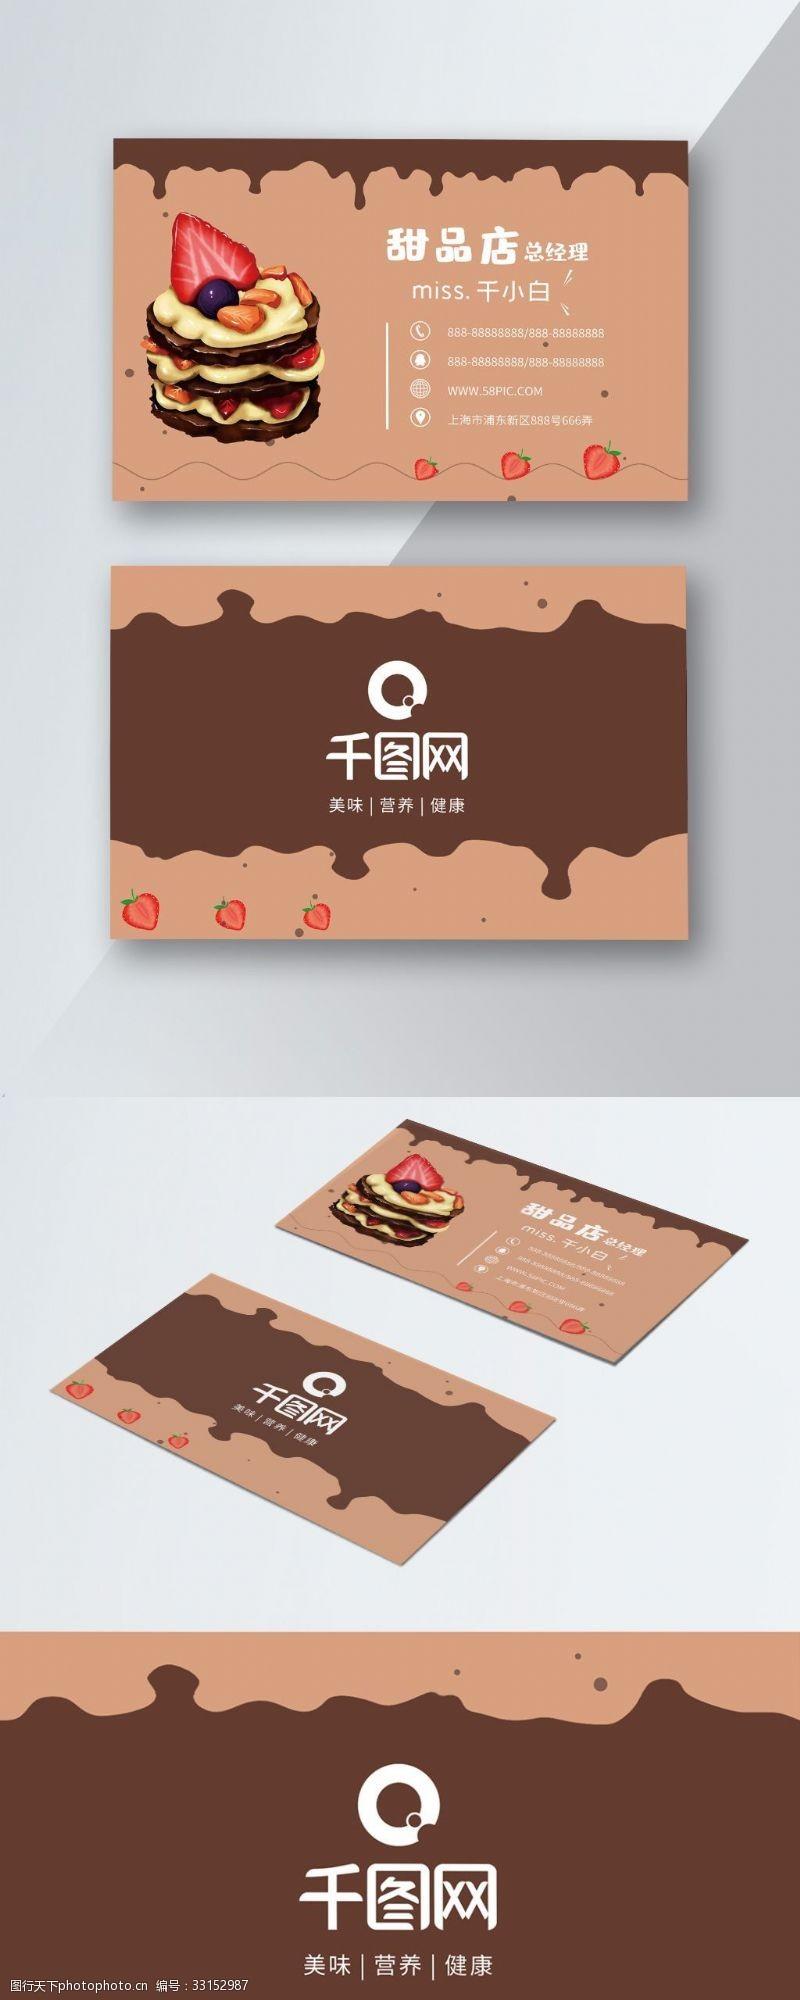 卡通可愛蛋糕店甜品下午茶名片設計